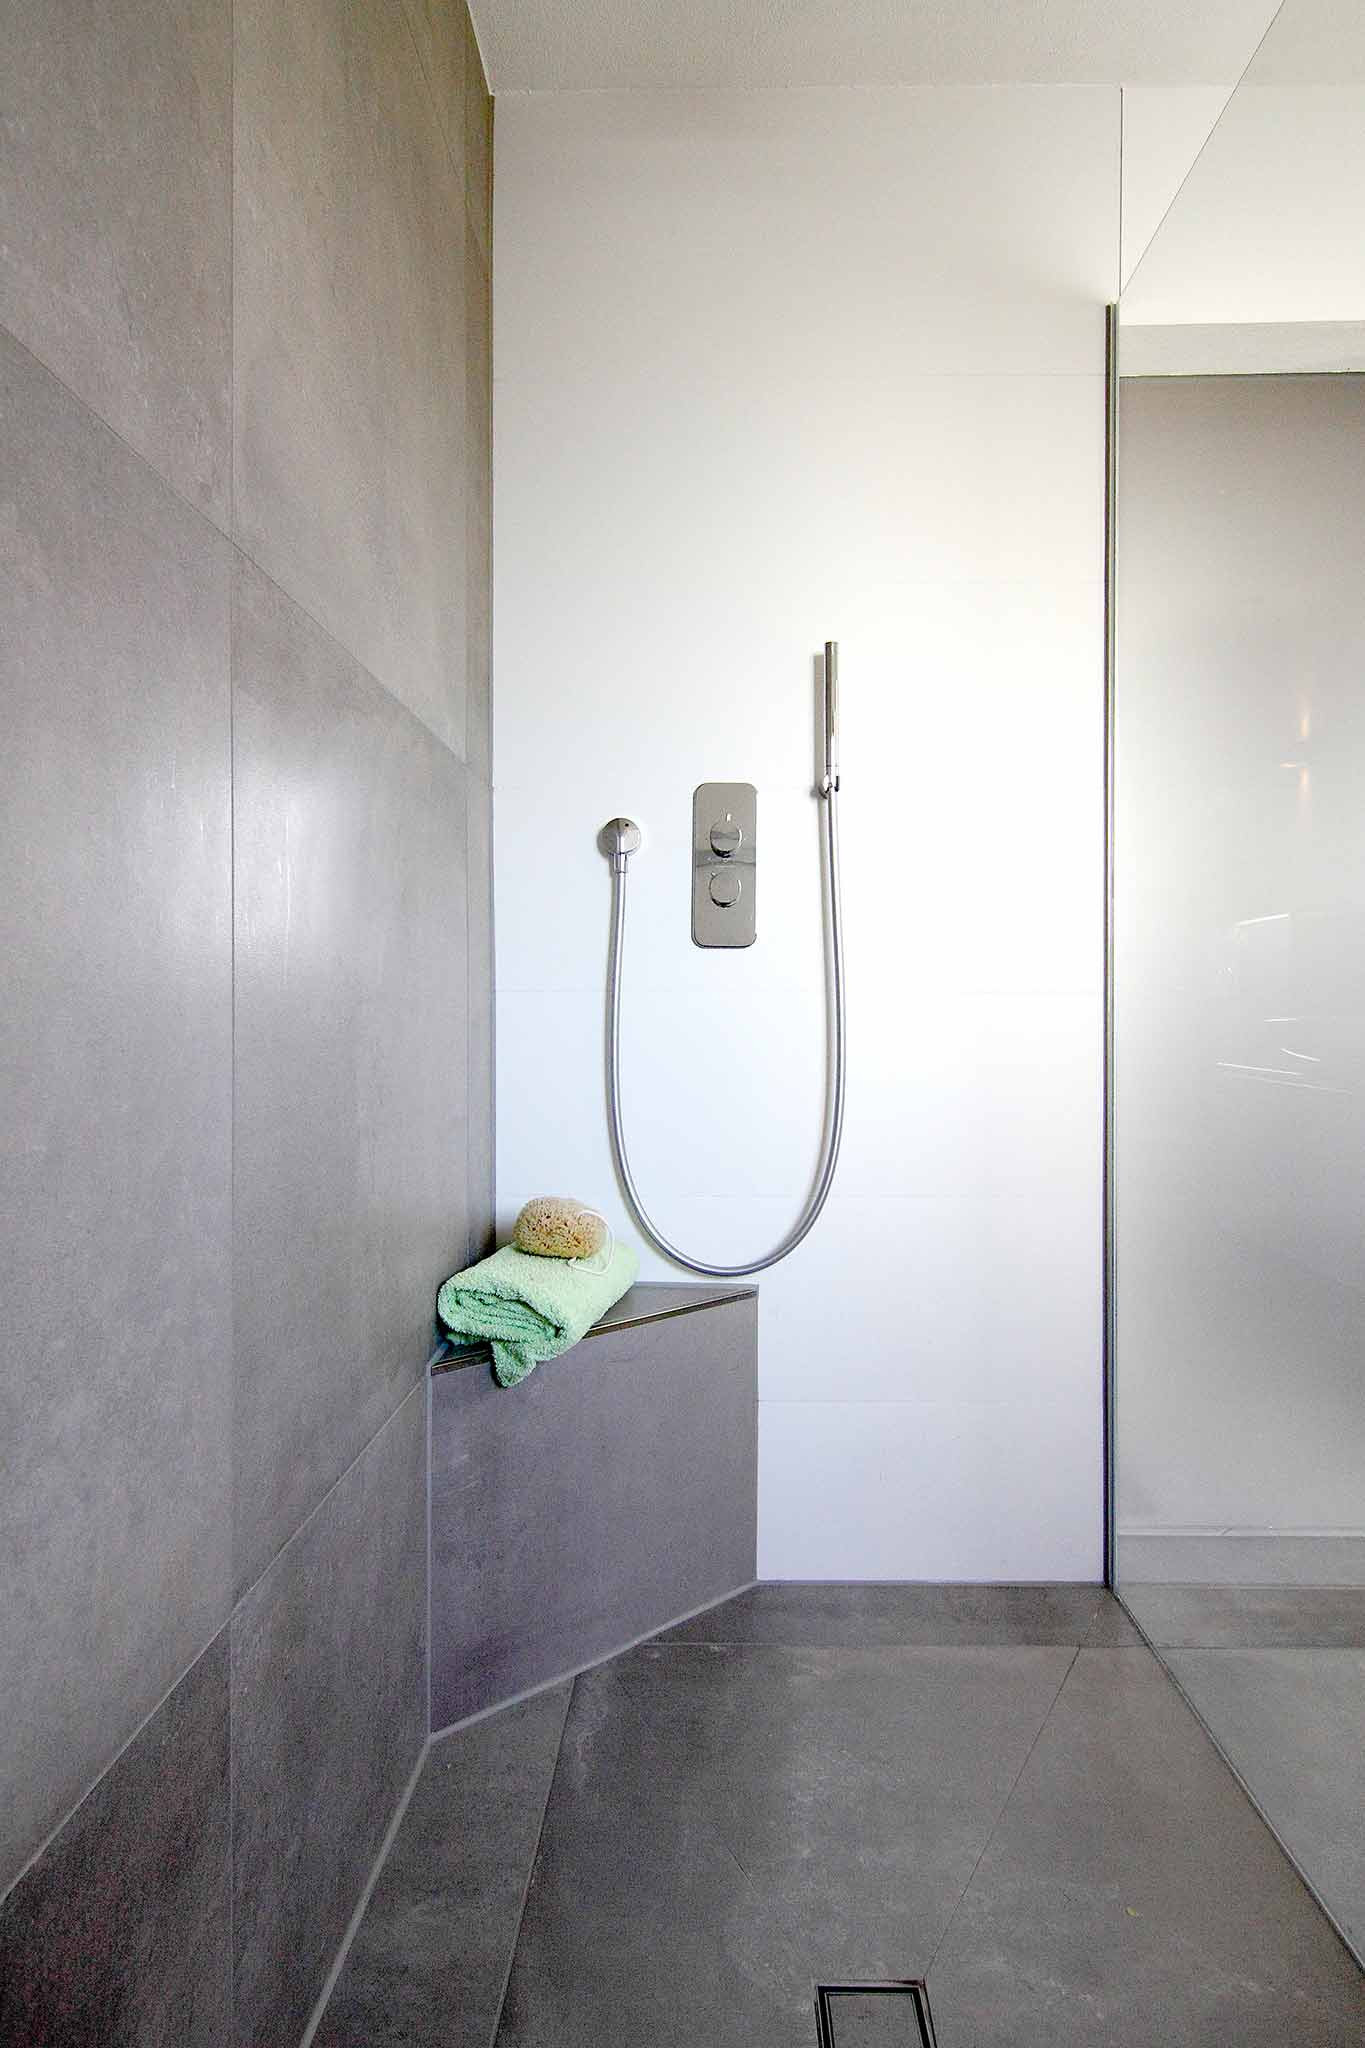 Begehbare Dusche  Begehbare Dusche mit Sitzbank – Mehr Komfort beim Duschen